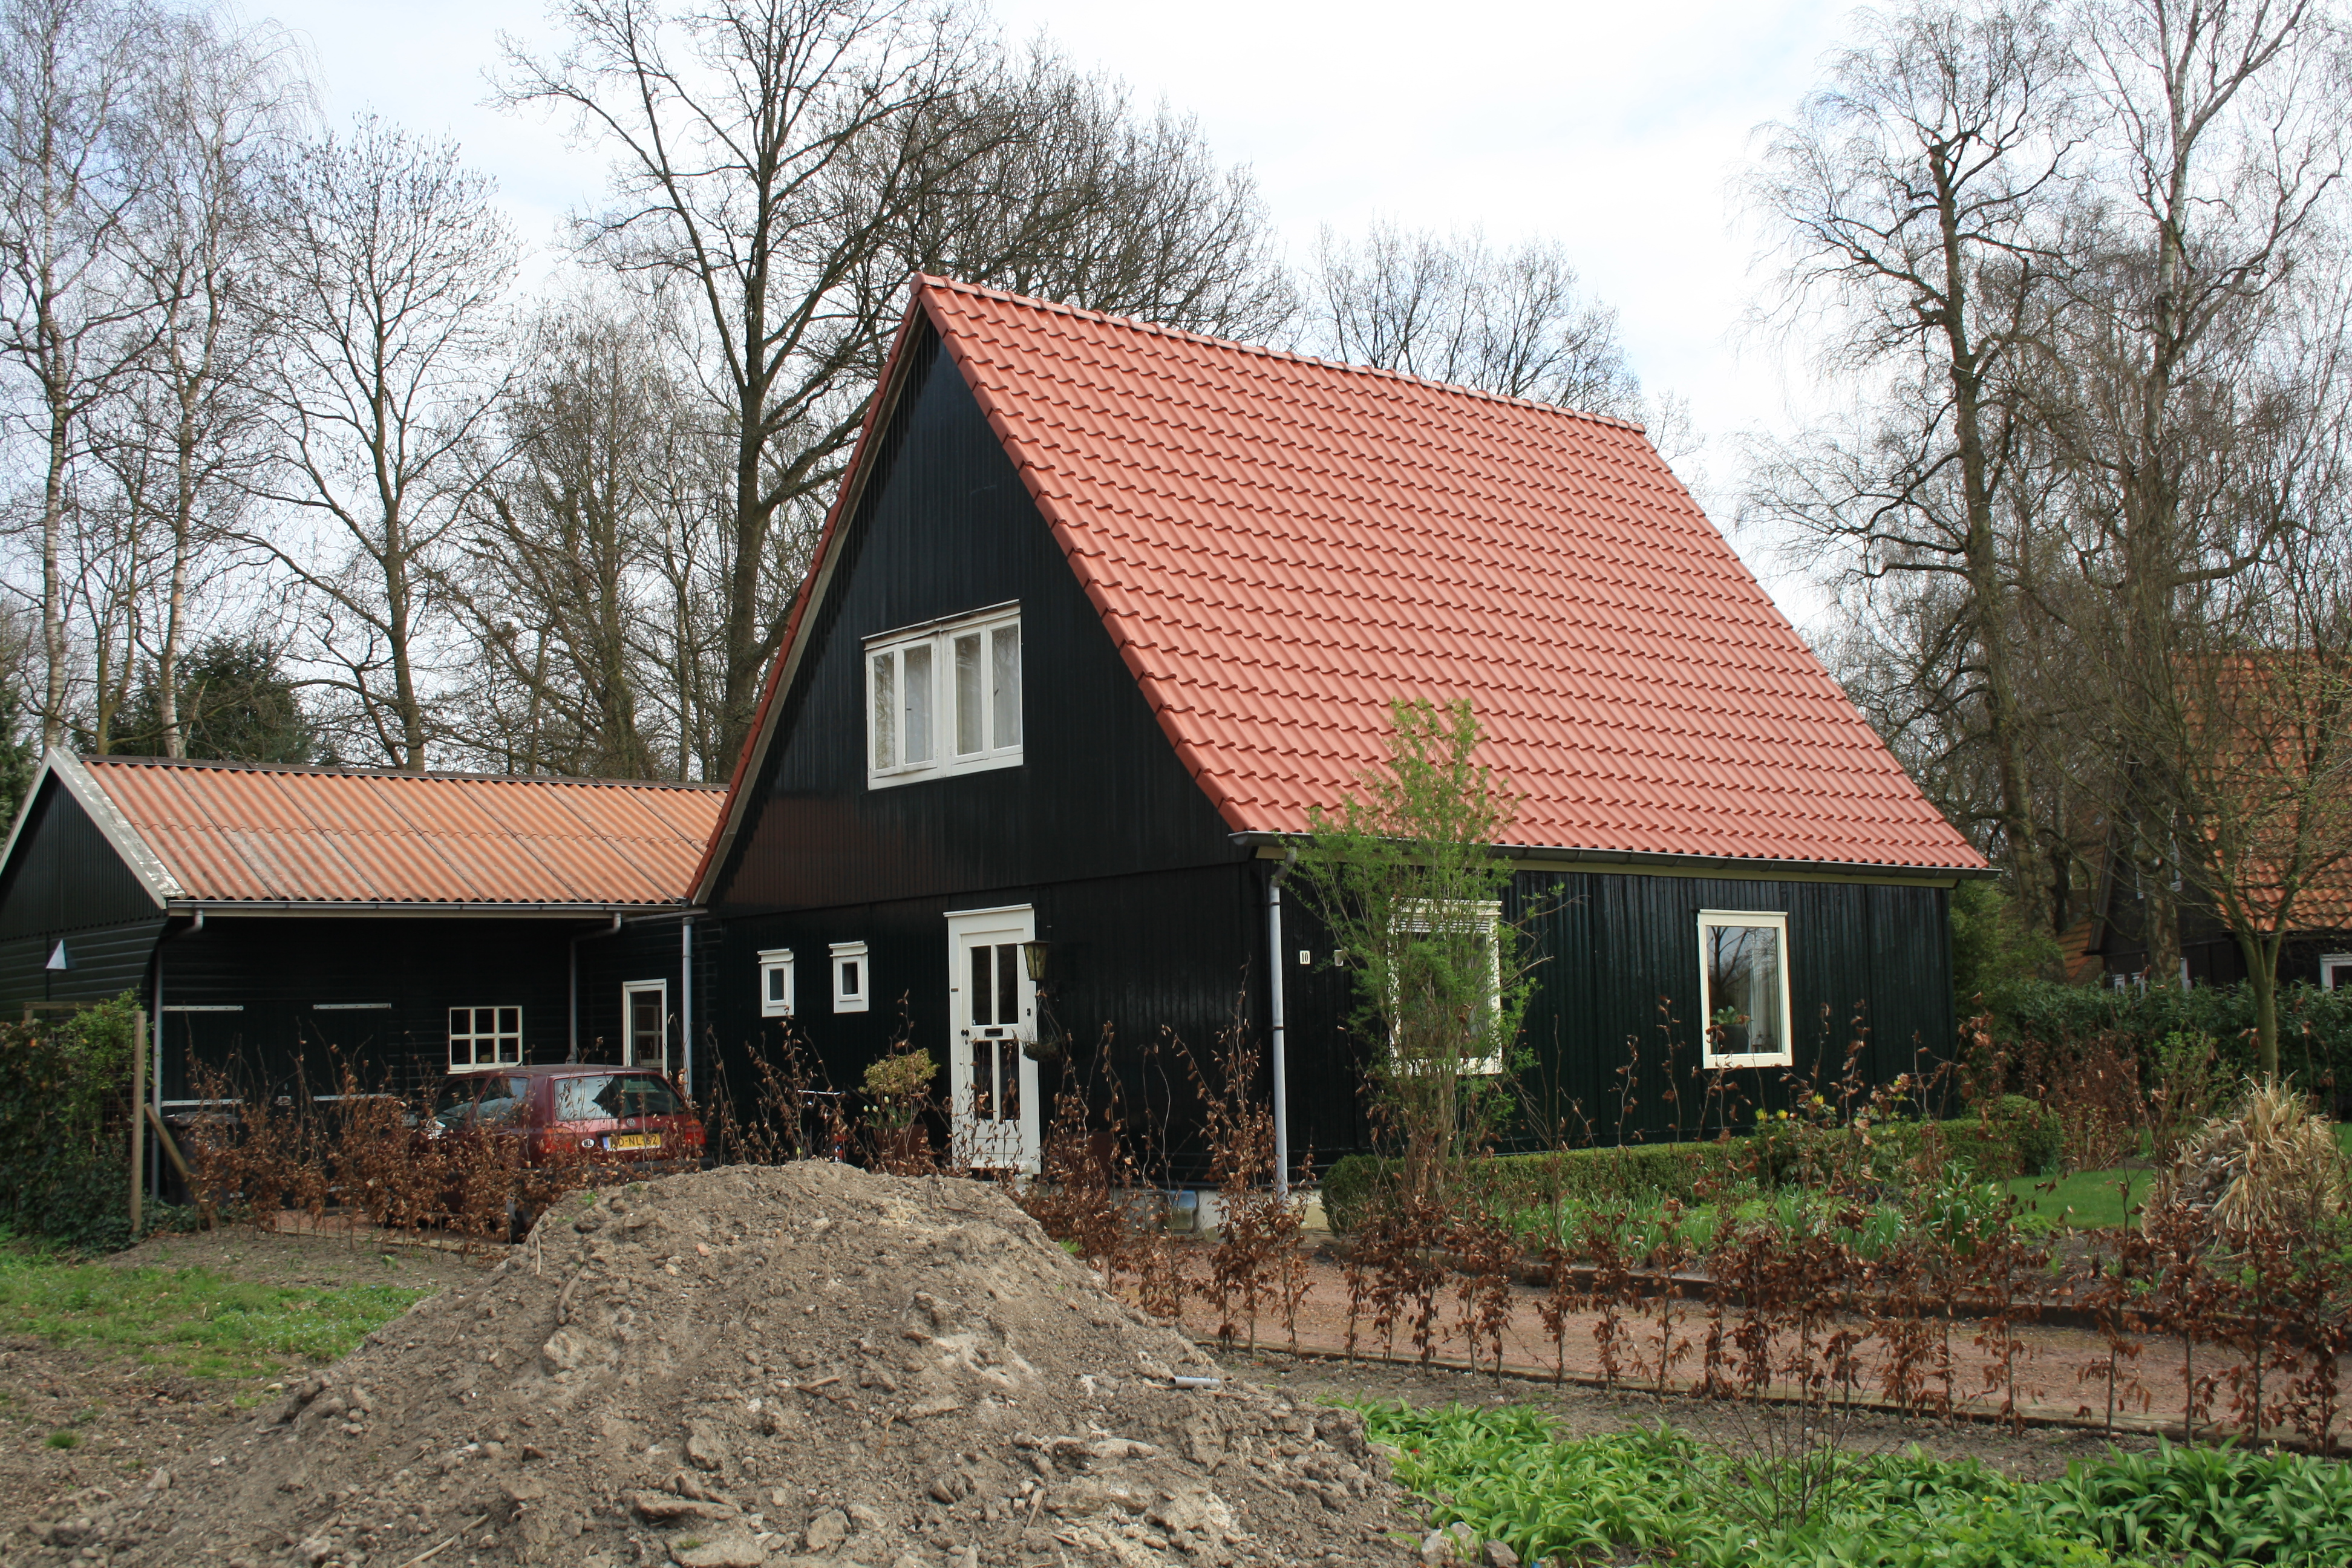 Houten woonhuis van het type ow in emmeloord monument - Houten huis ...